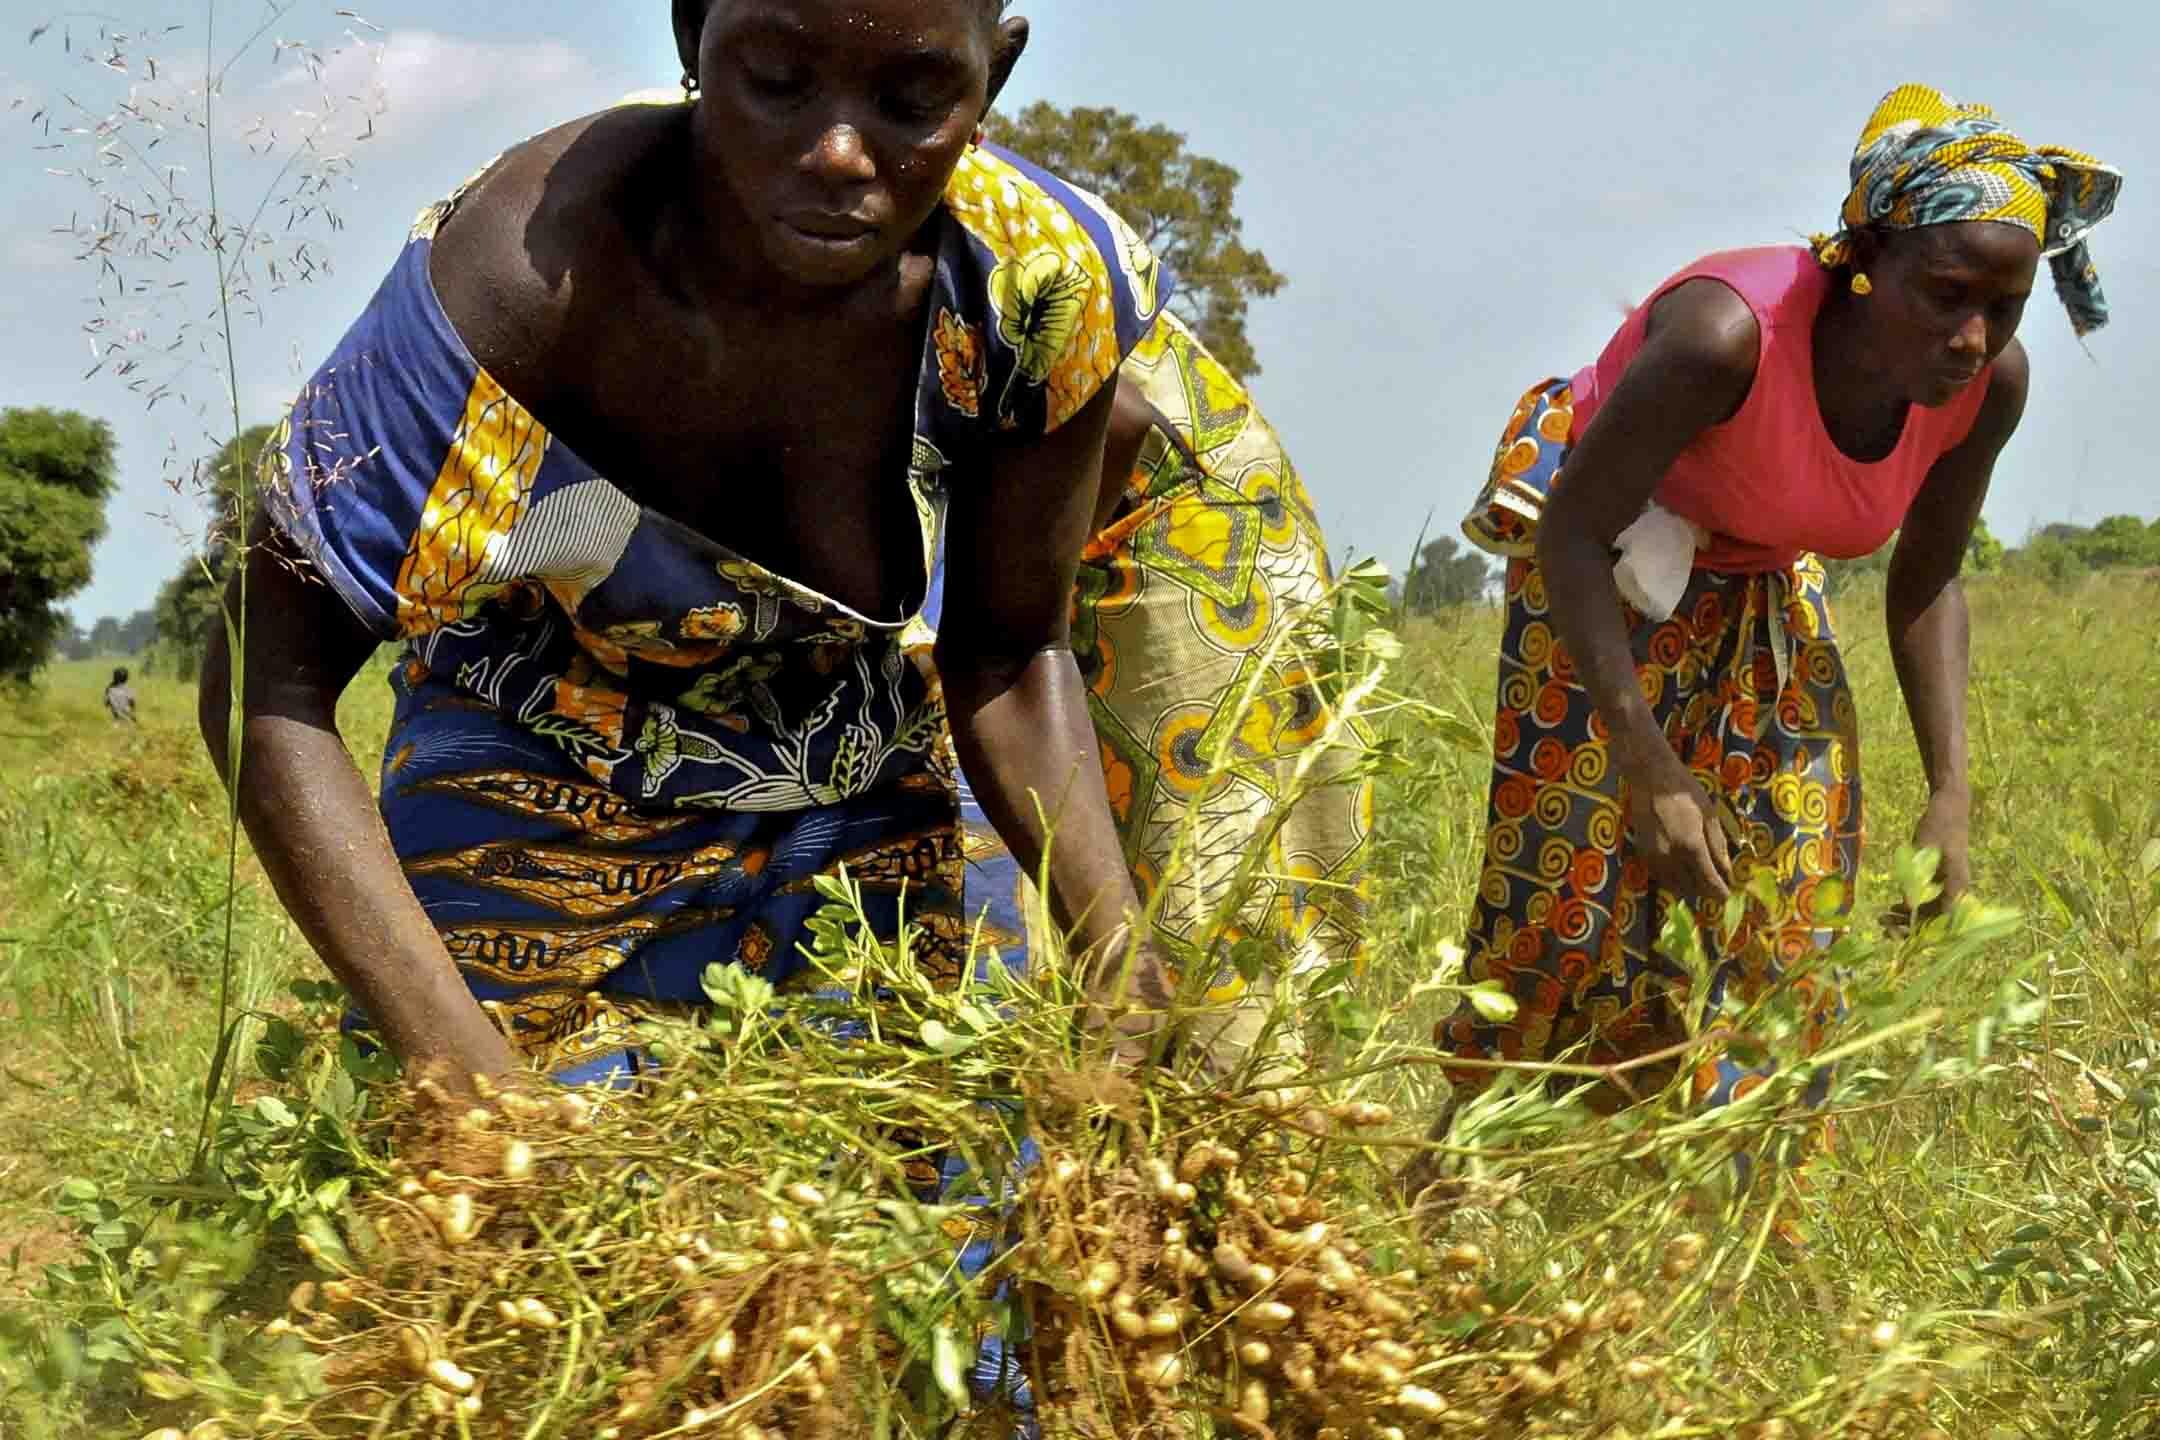 塞內加爾農民正進行花生的採收工作。 攝:Michel RENAUDEAU/Gamma-Rapho via Getty Images